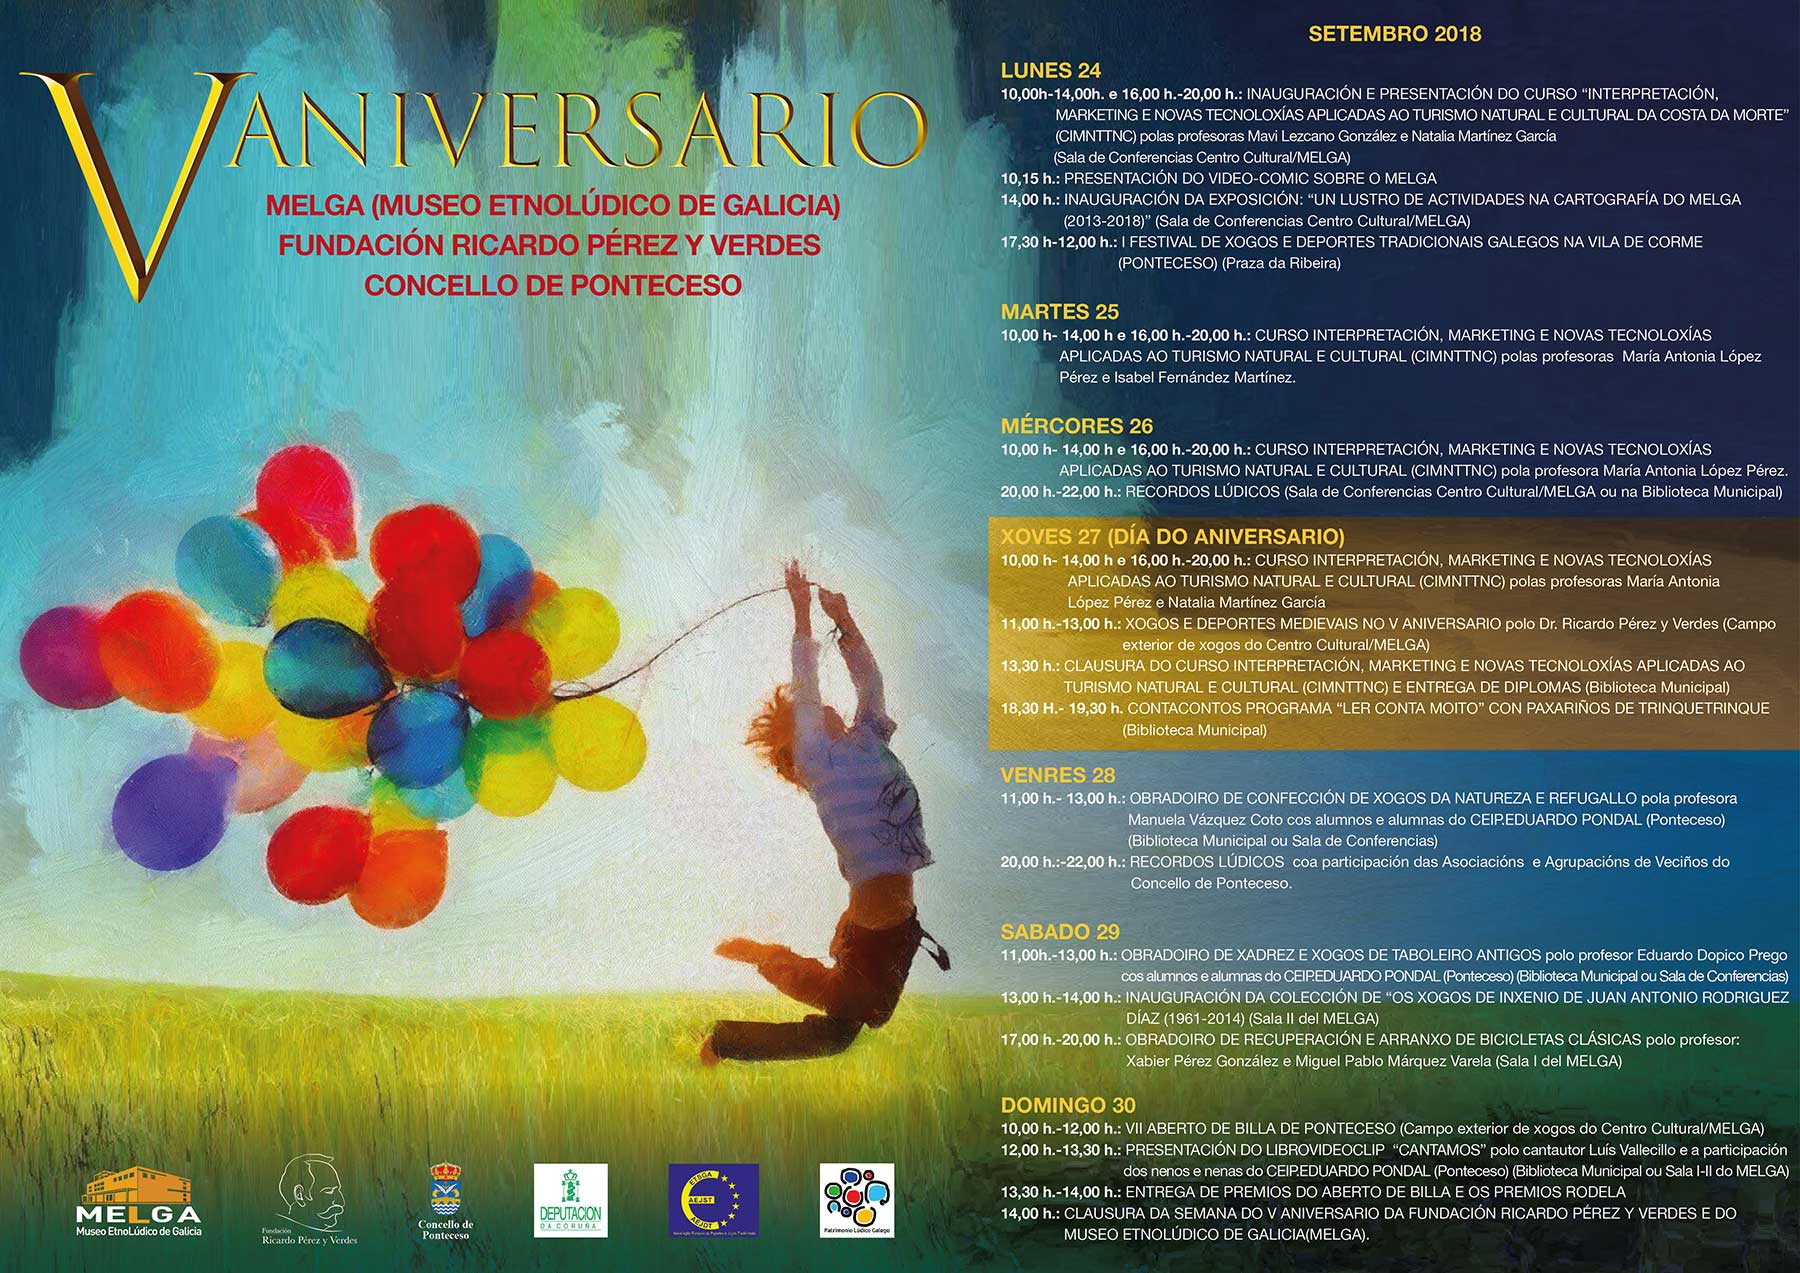 V Aniversario del Museo y de la Fundación